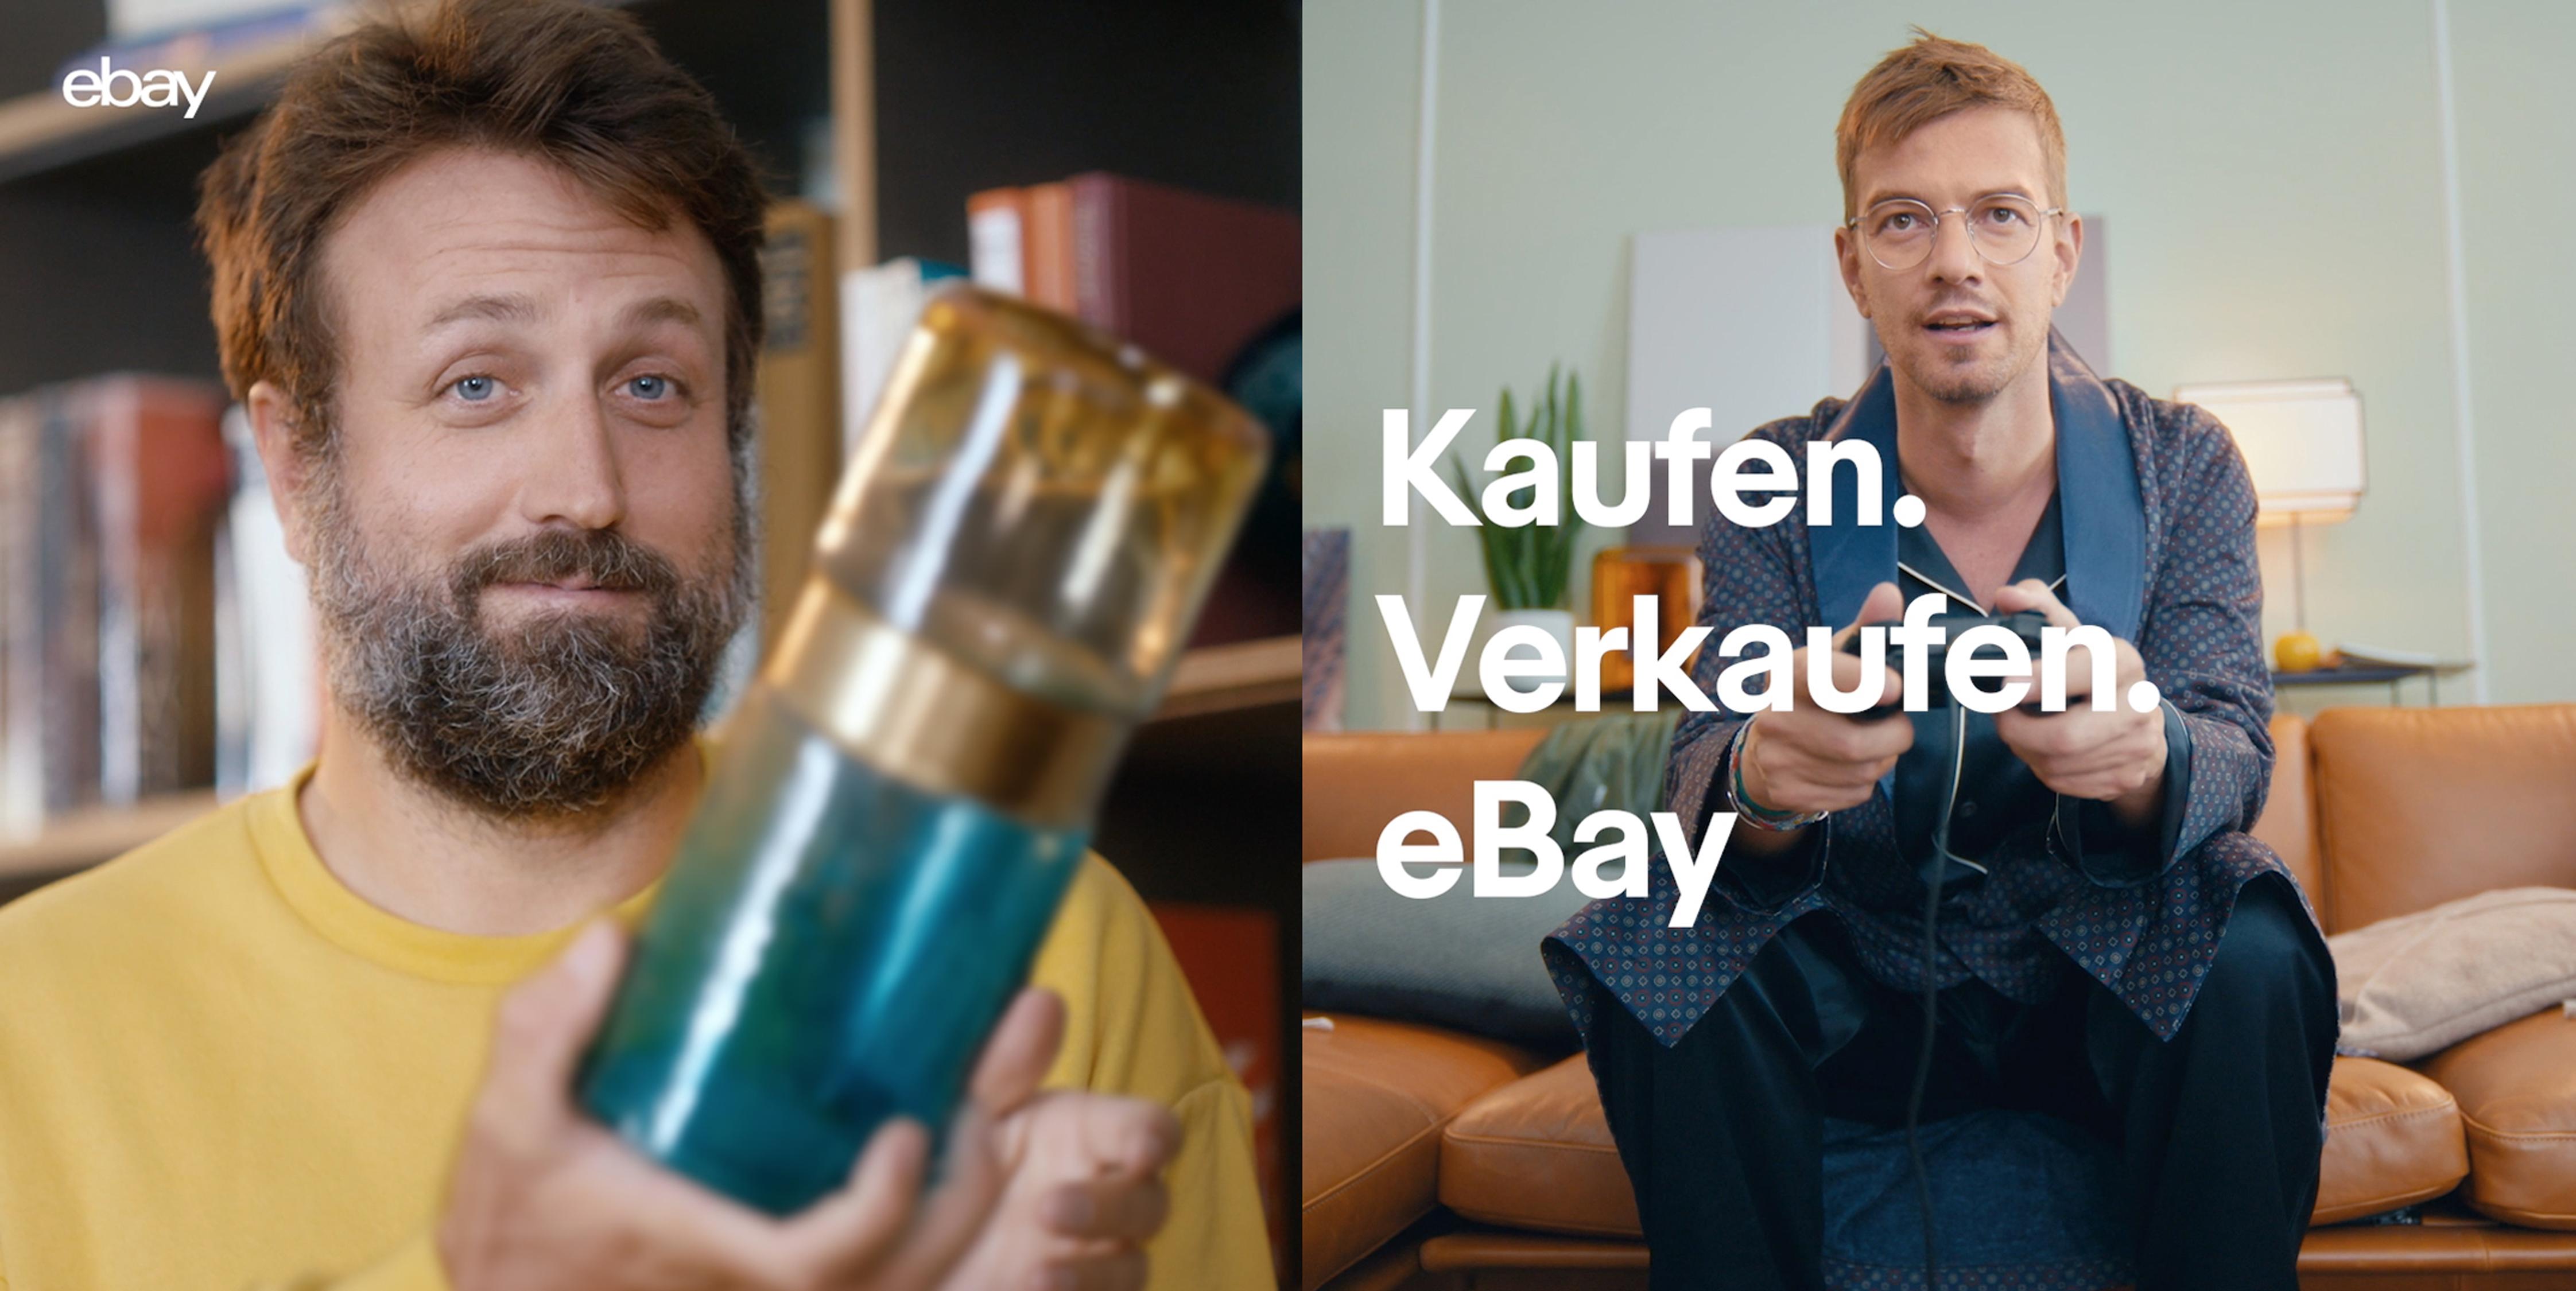 Ebay Startet Integrierte Weihnachtskampagne Mit Joko Winterscheidt Und Paul Ripke Ebay Inc